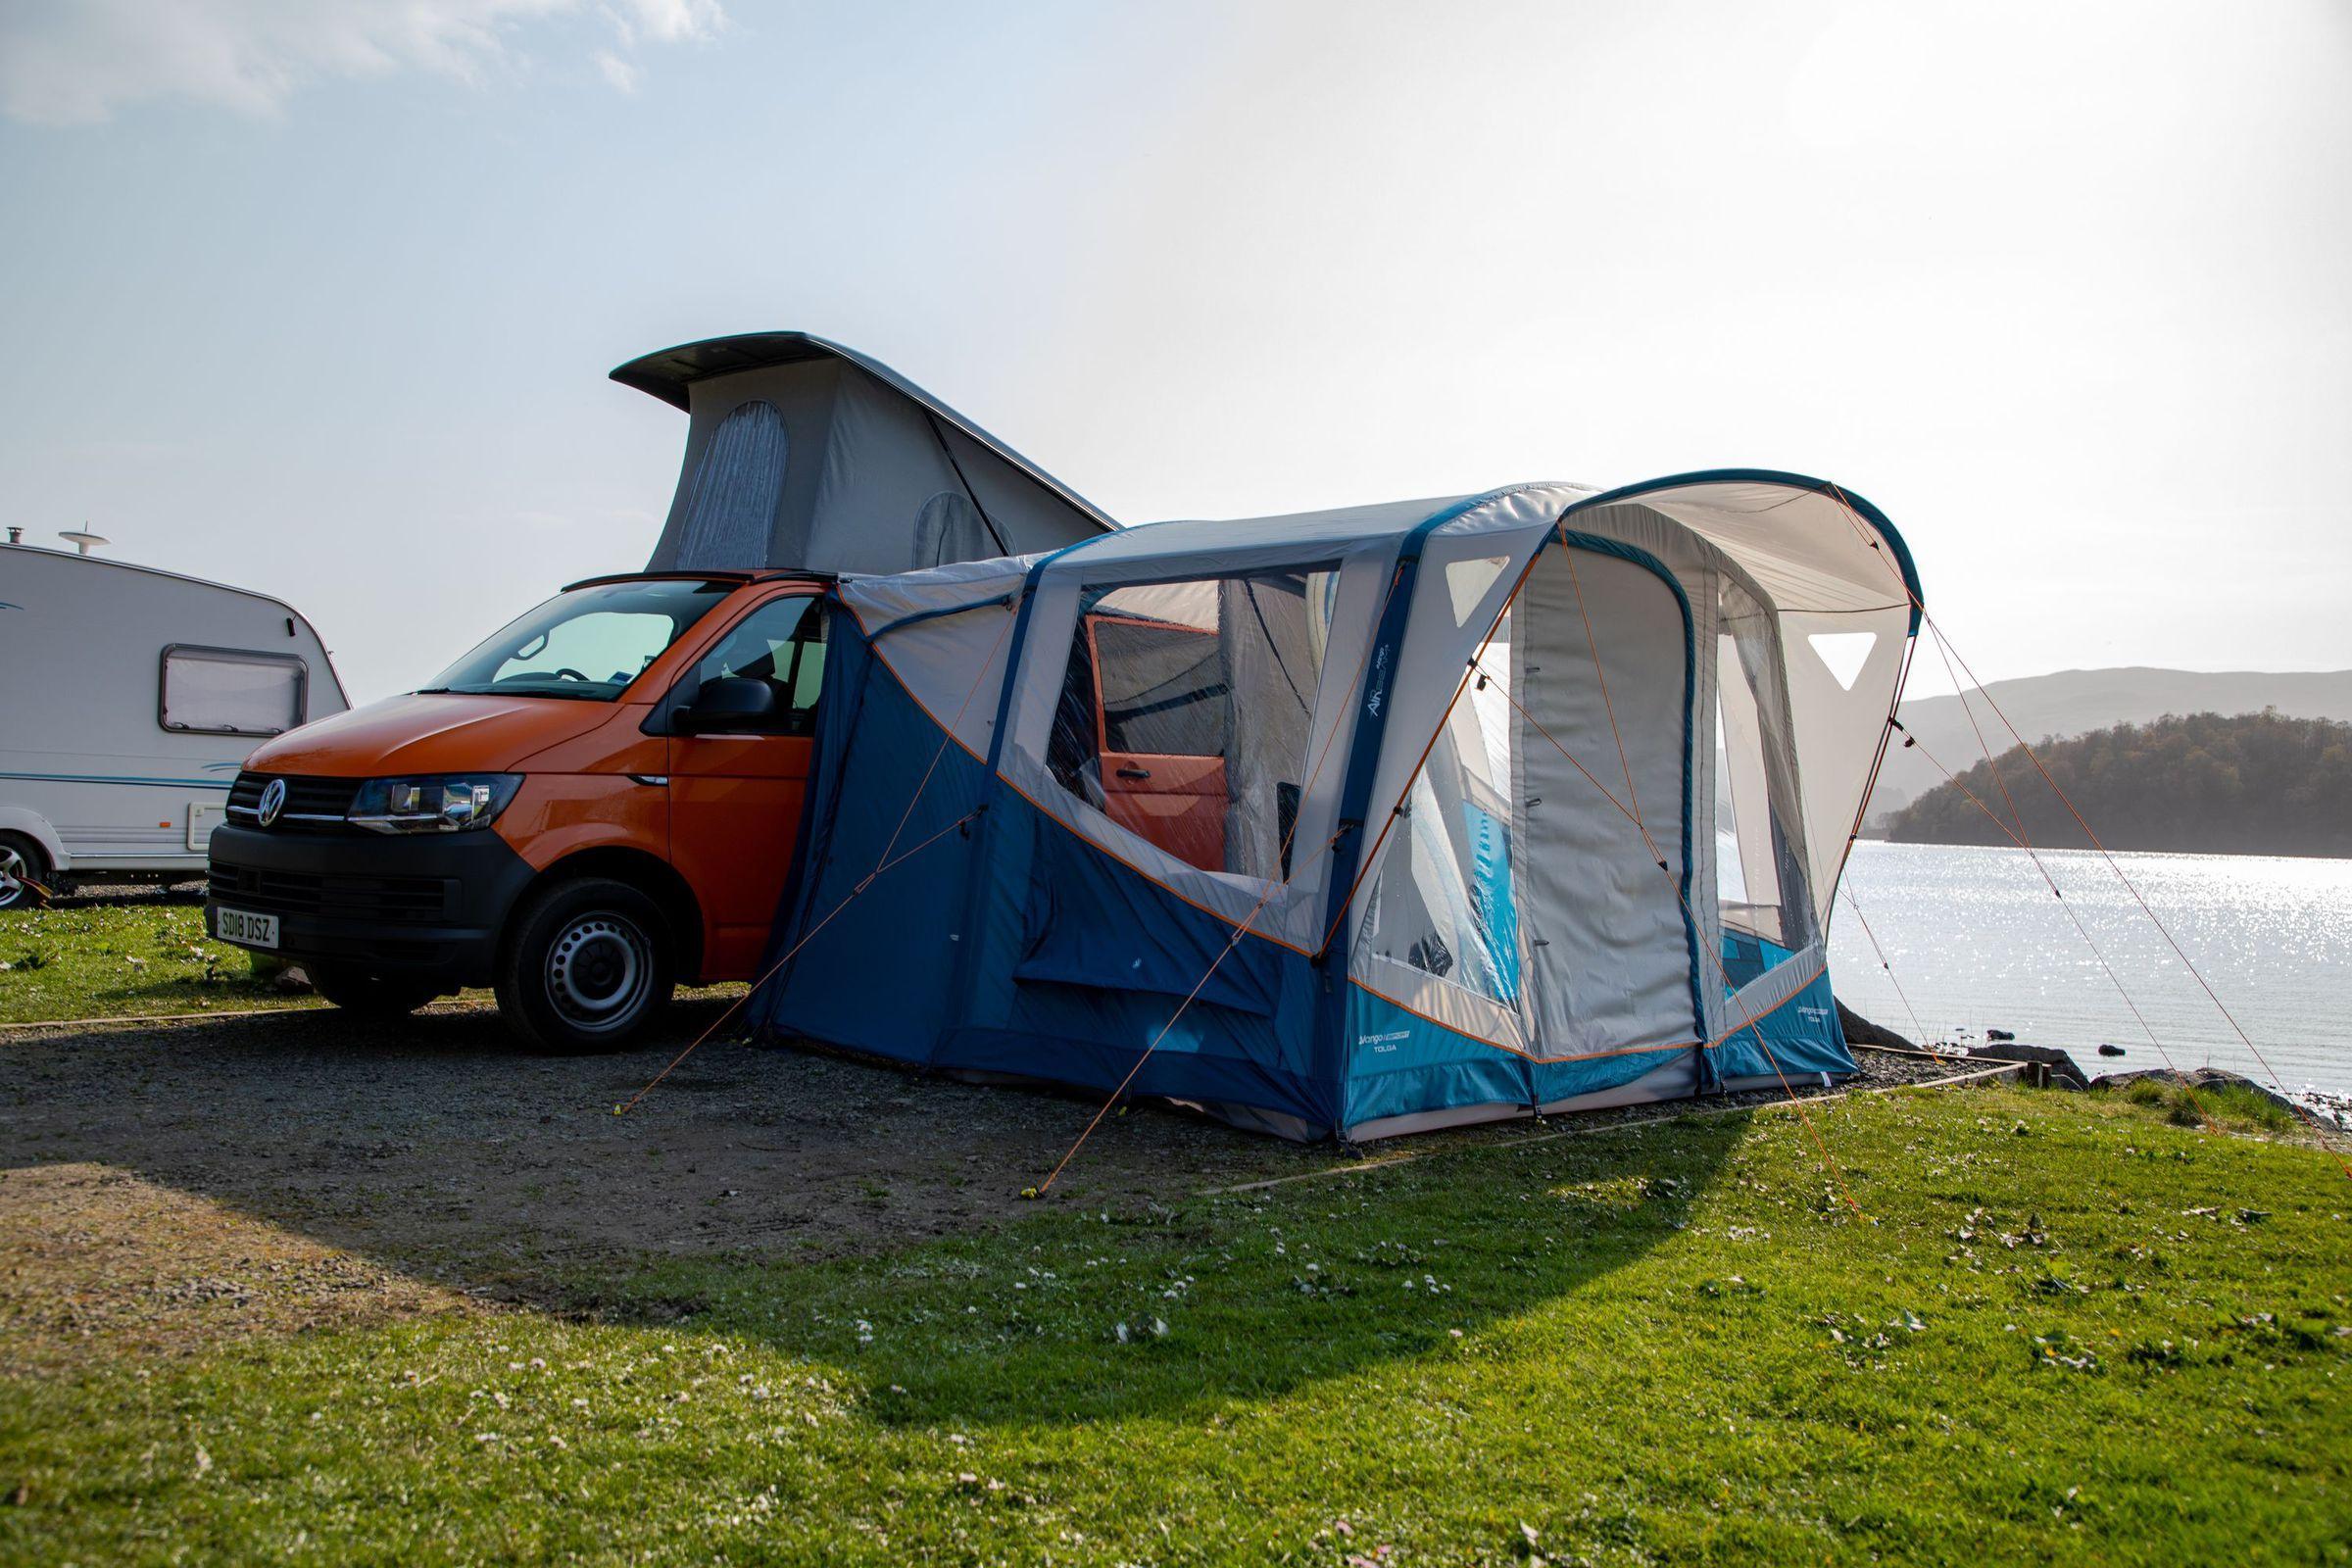 Vango Tolga Vw Low Driveaway Awning Norwich Camping5